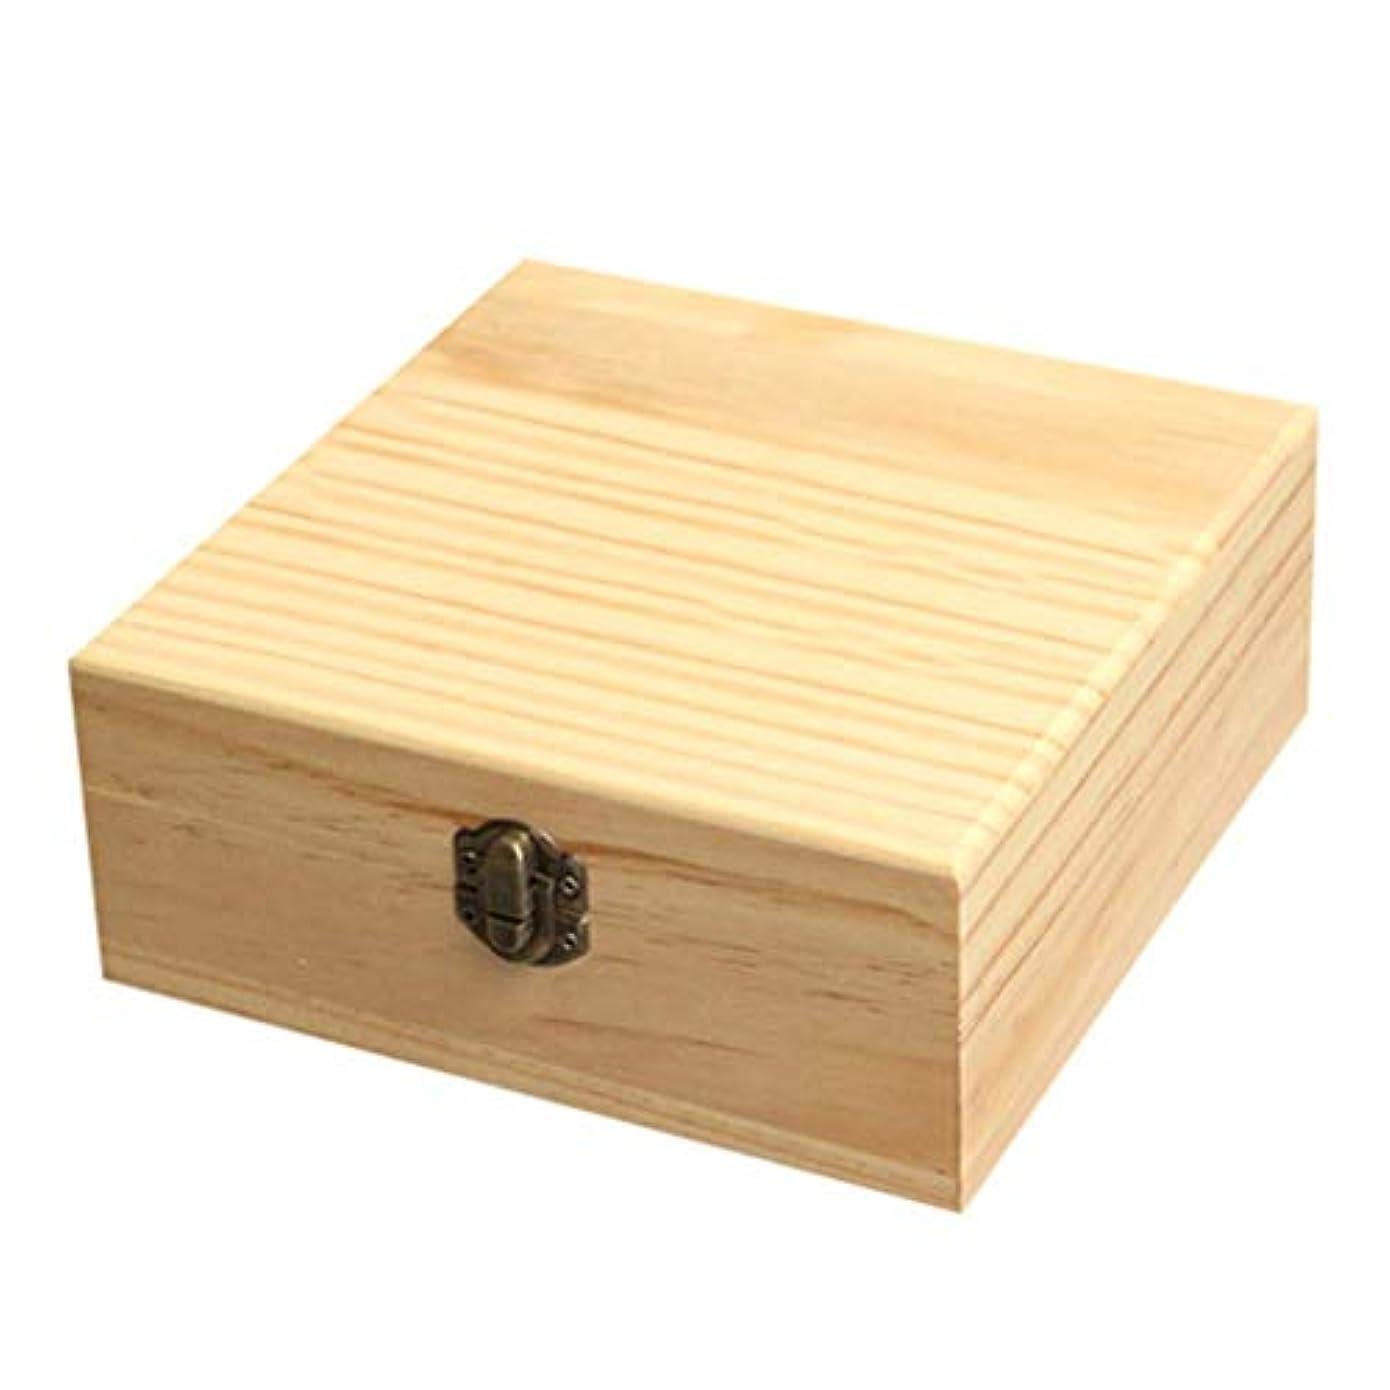 無実することになっている曲がったhopefull エッセンシャルオイル収納ボックス 大容量 和風 レトロ 木製 精油収納 携帯便利 オイルボックス 飾り物 25本用 for